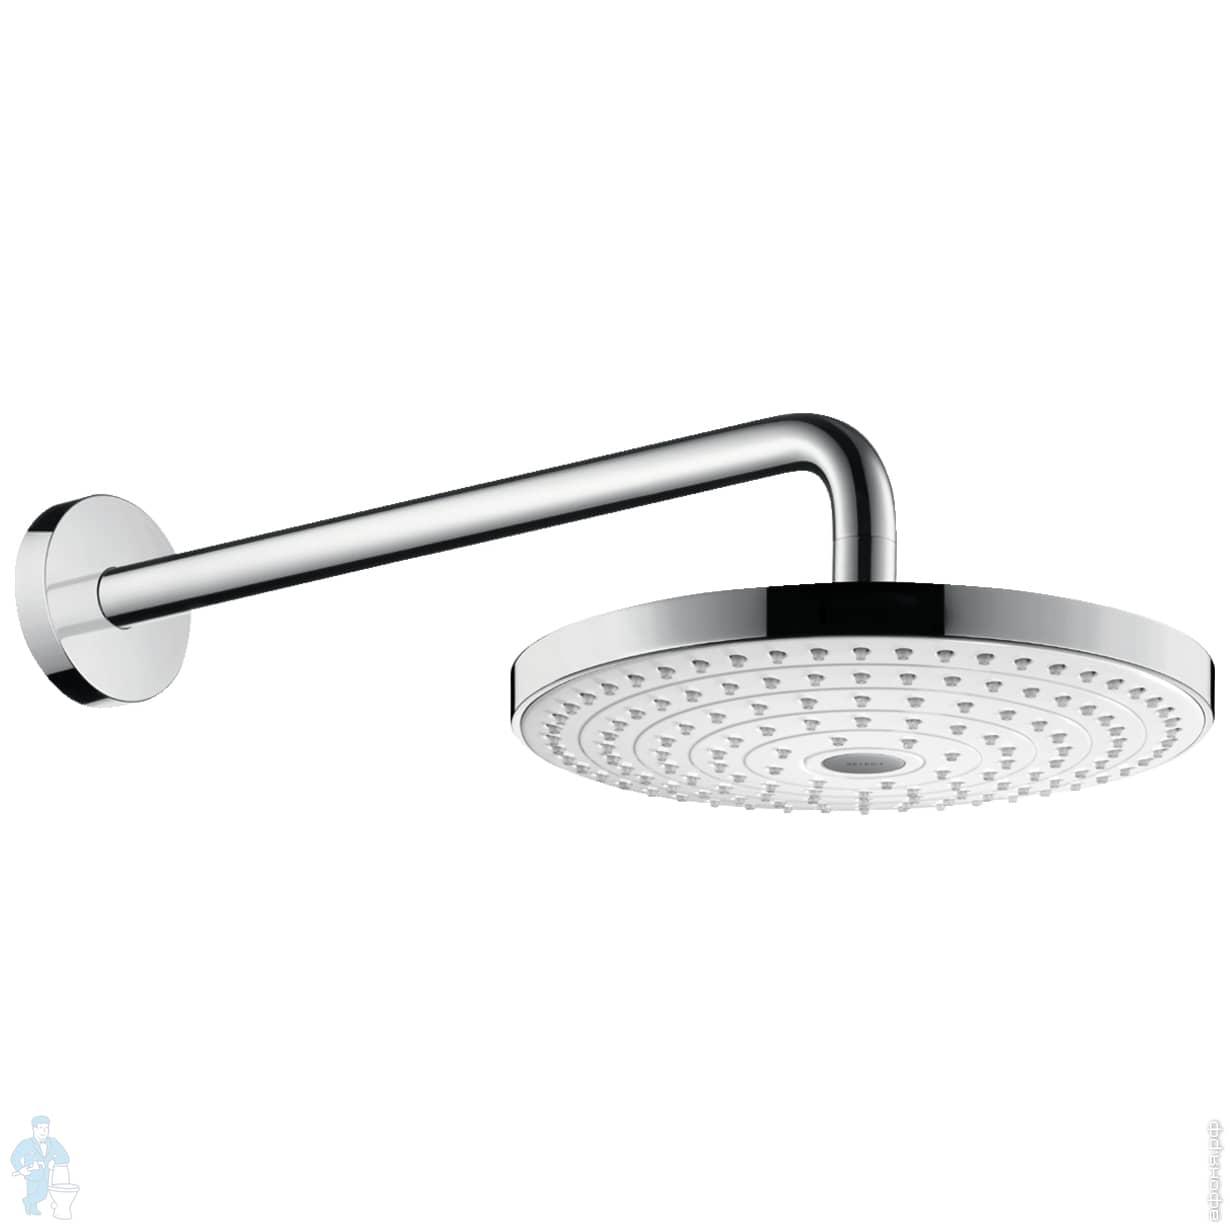 Верхний душ Hansgrohe Raindance Select S 240 2jet с держателем 390 мм, белый/хром 26466400 | Афоня.рф, цена 33 610 руб.